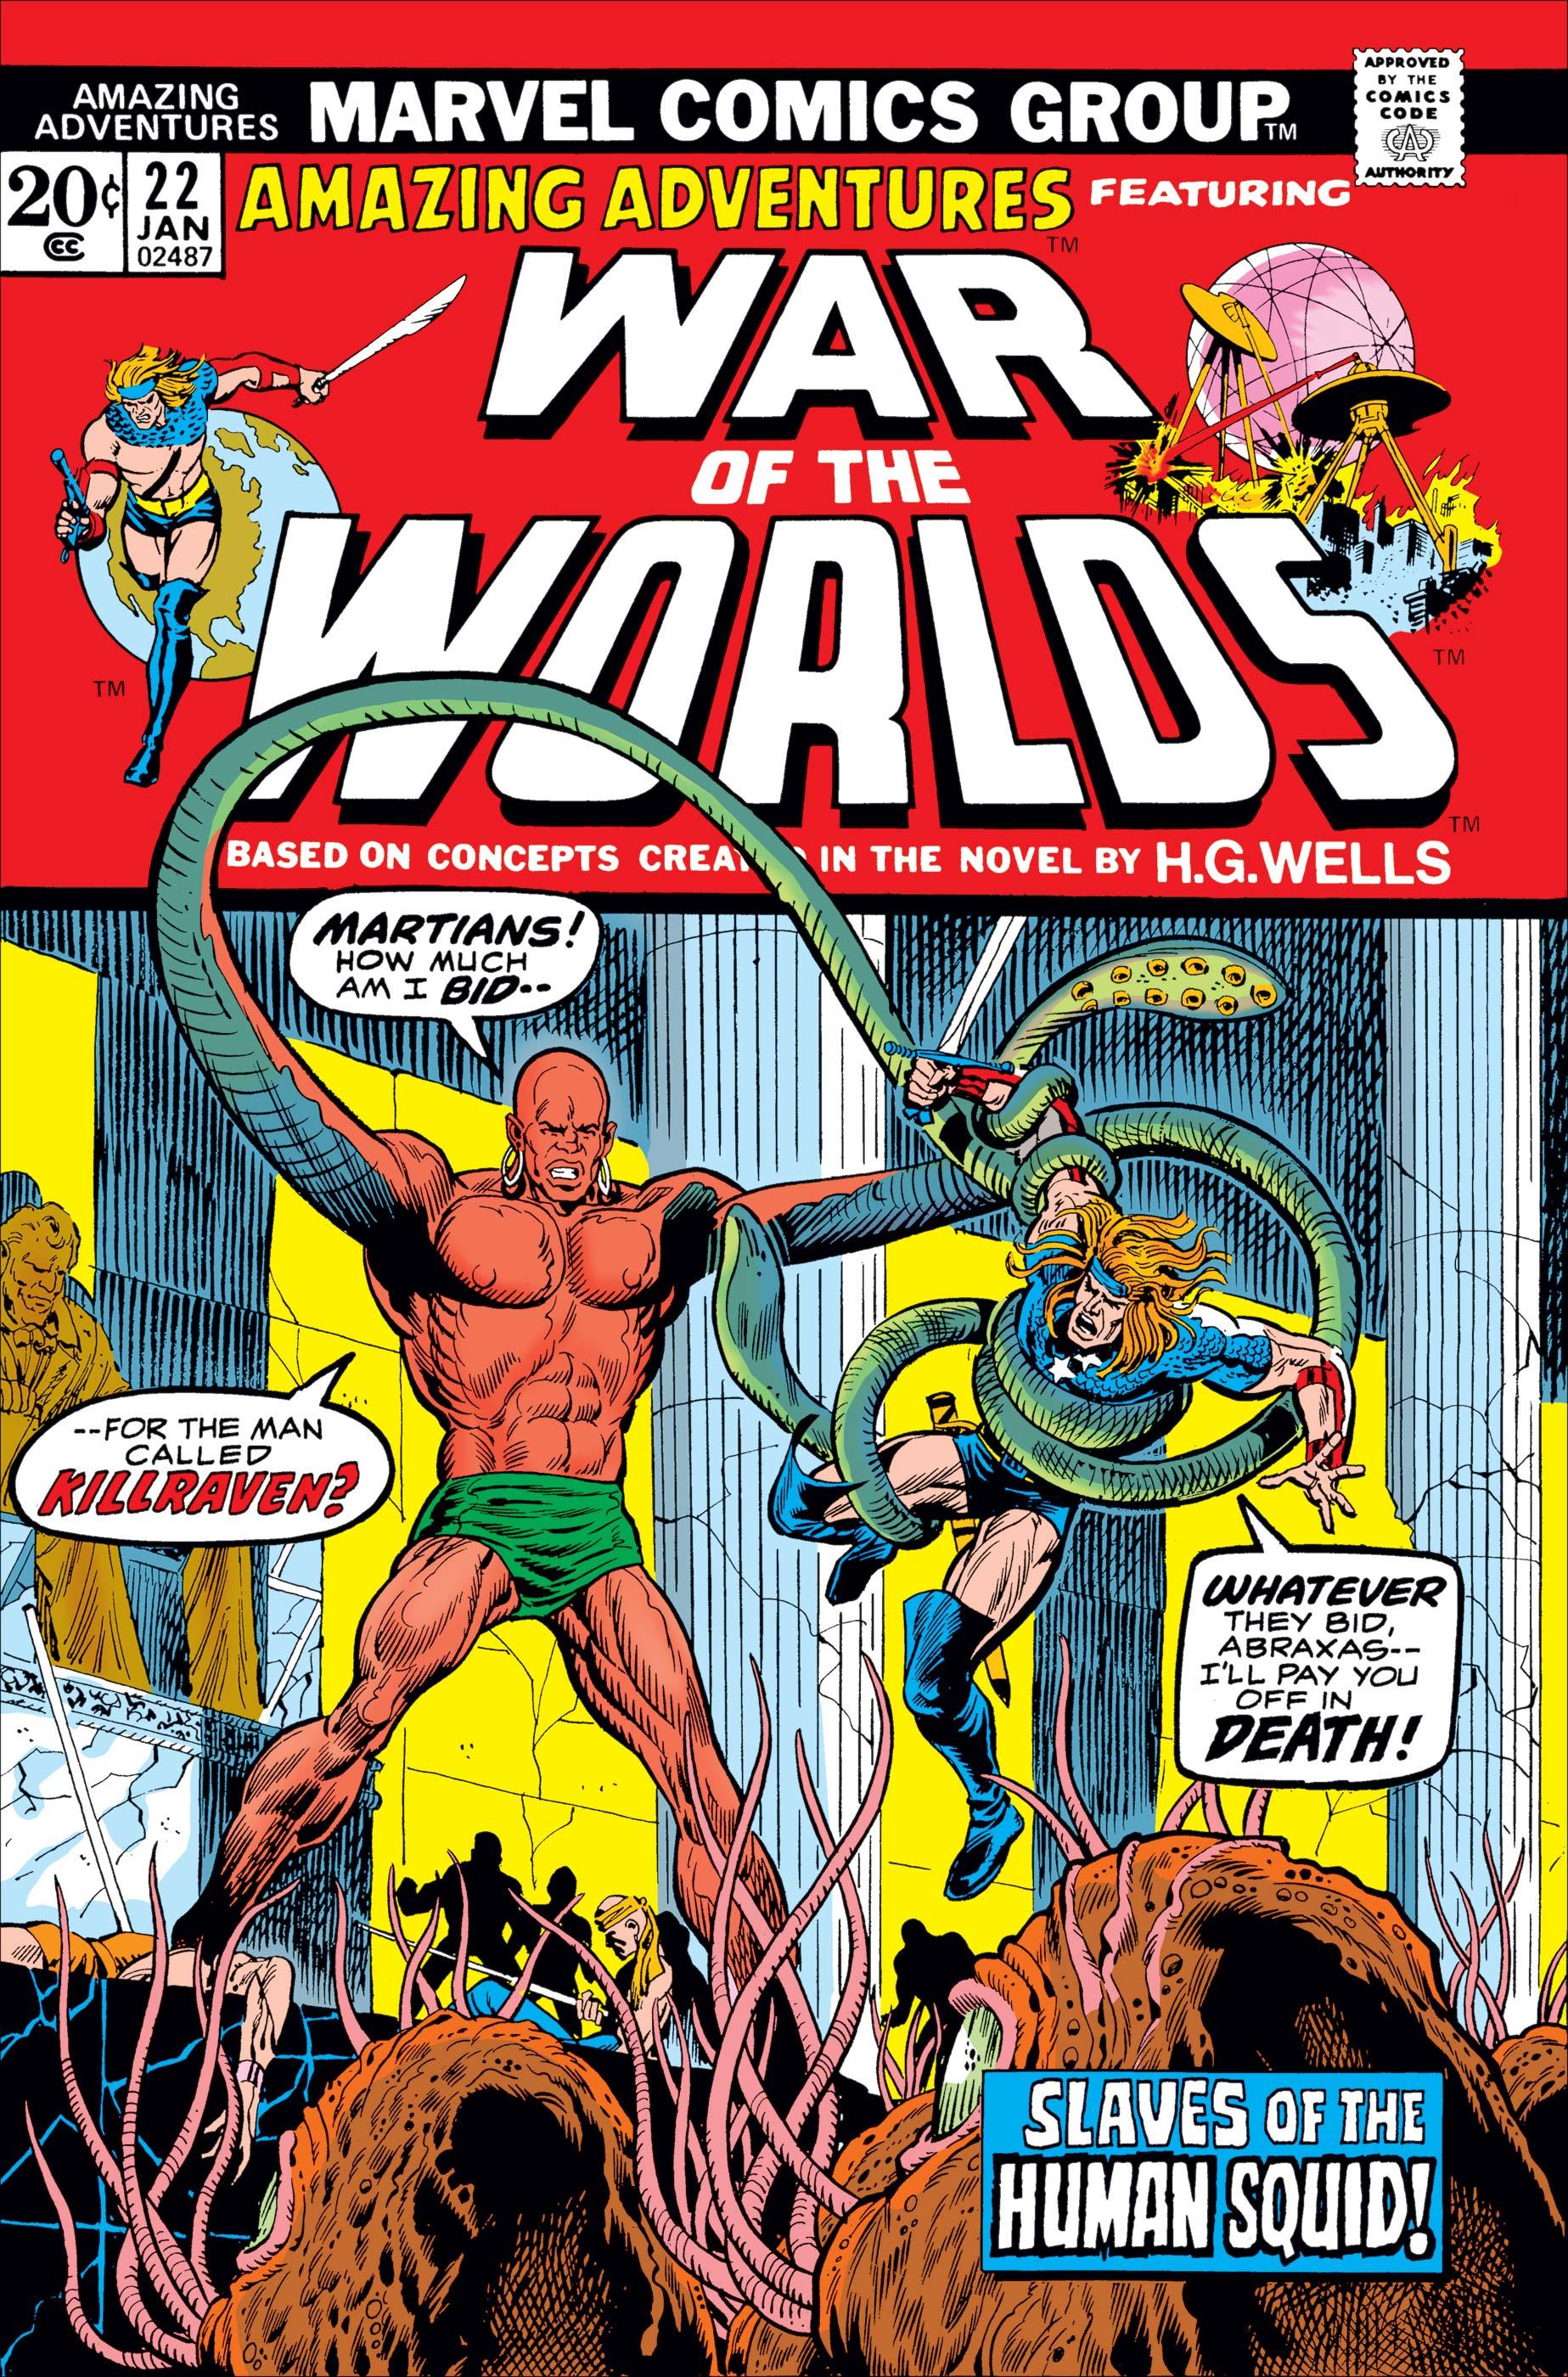 Amazing Adventures (1970) #22